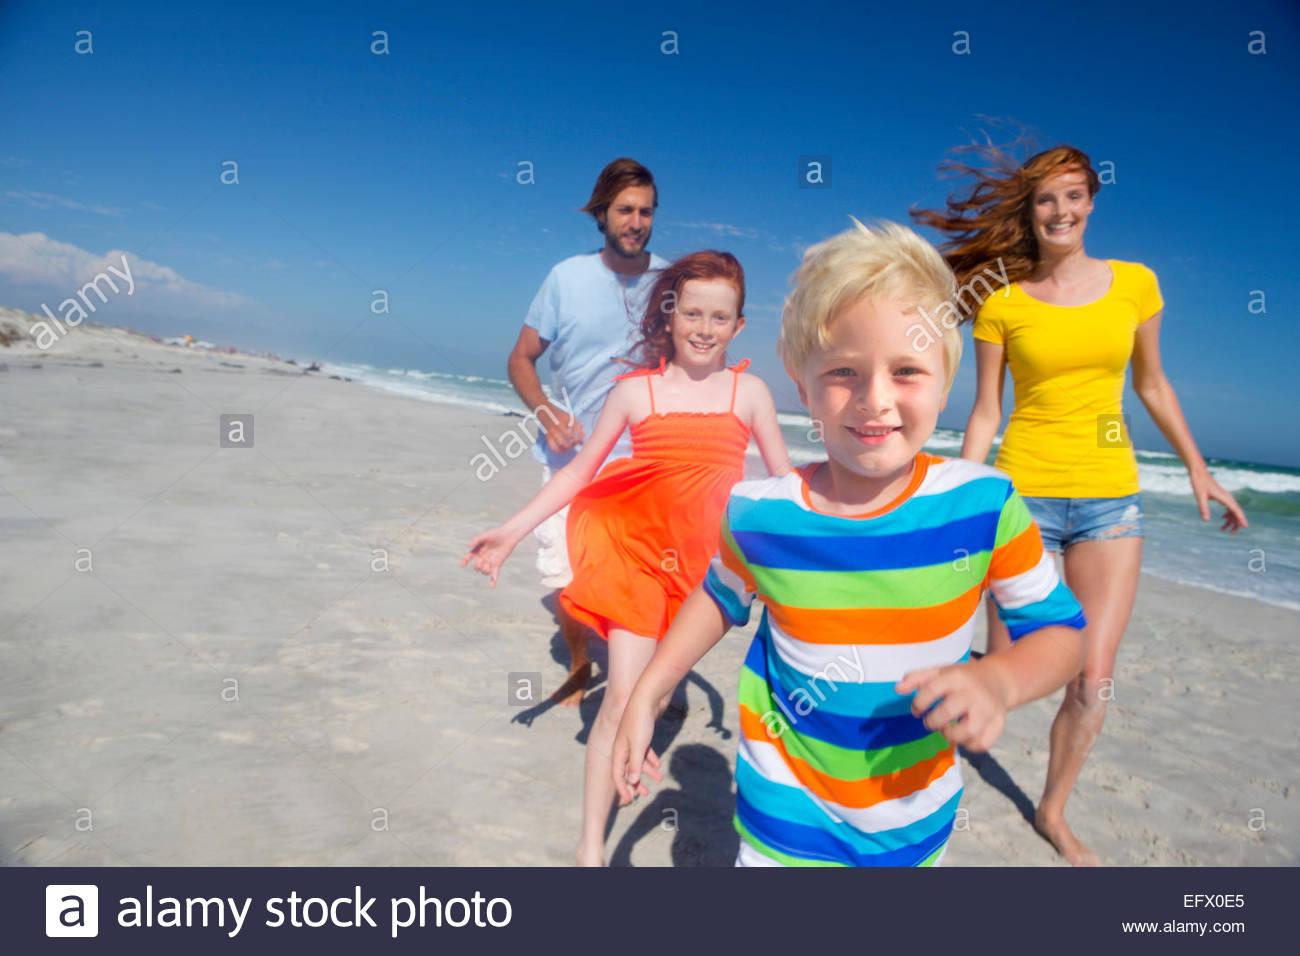 Glückliche Familie läuft in Richtung Kamera, am sonnigen Strand Stockbild